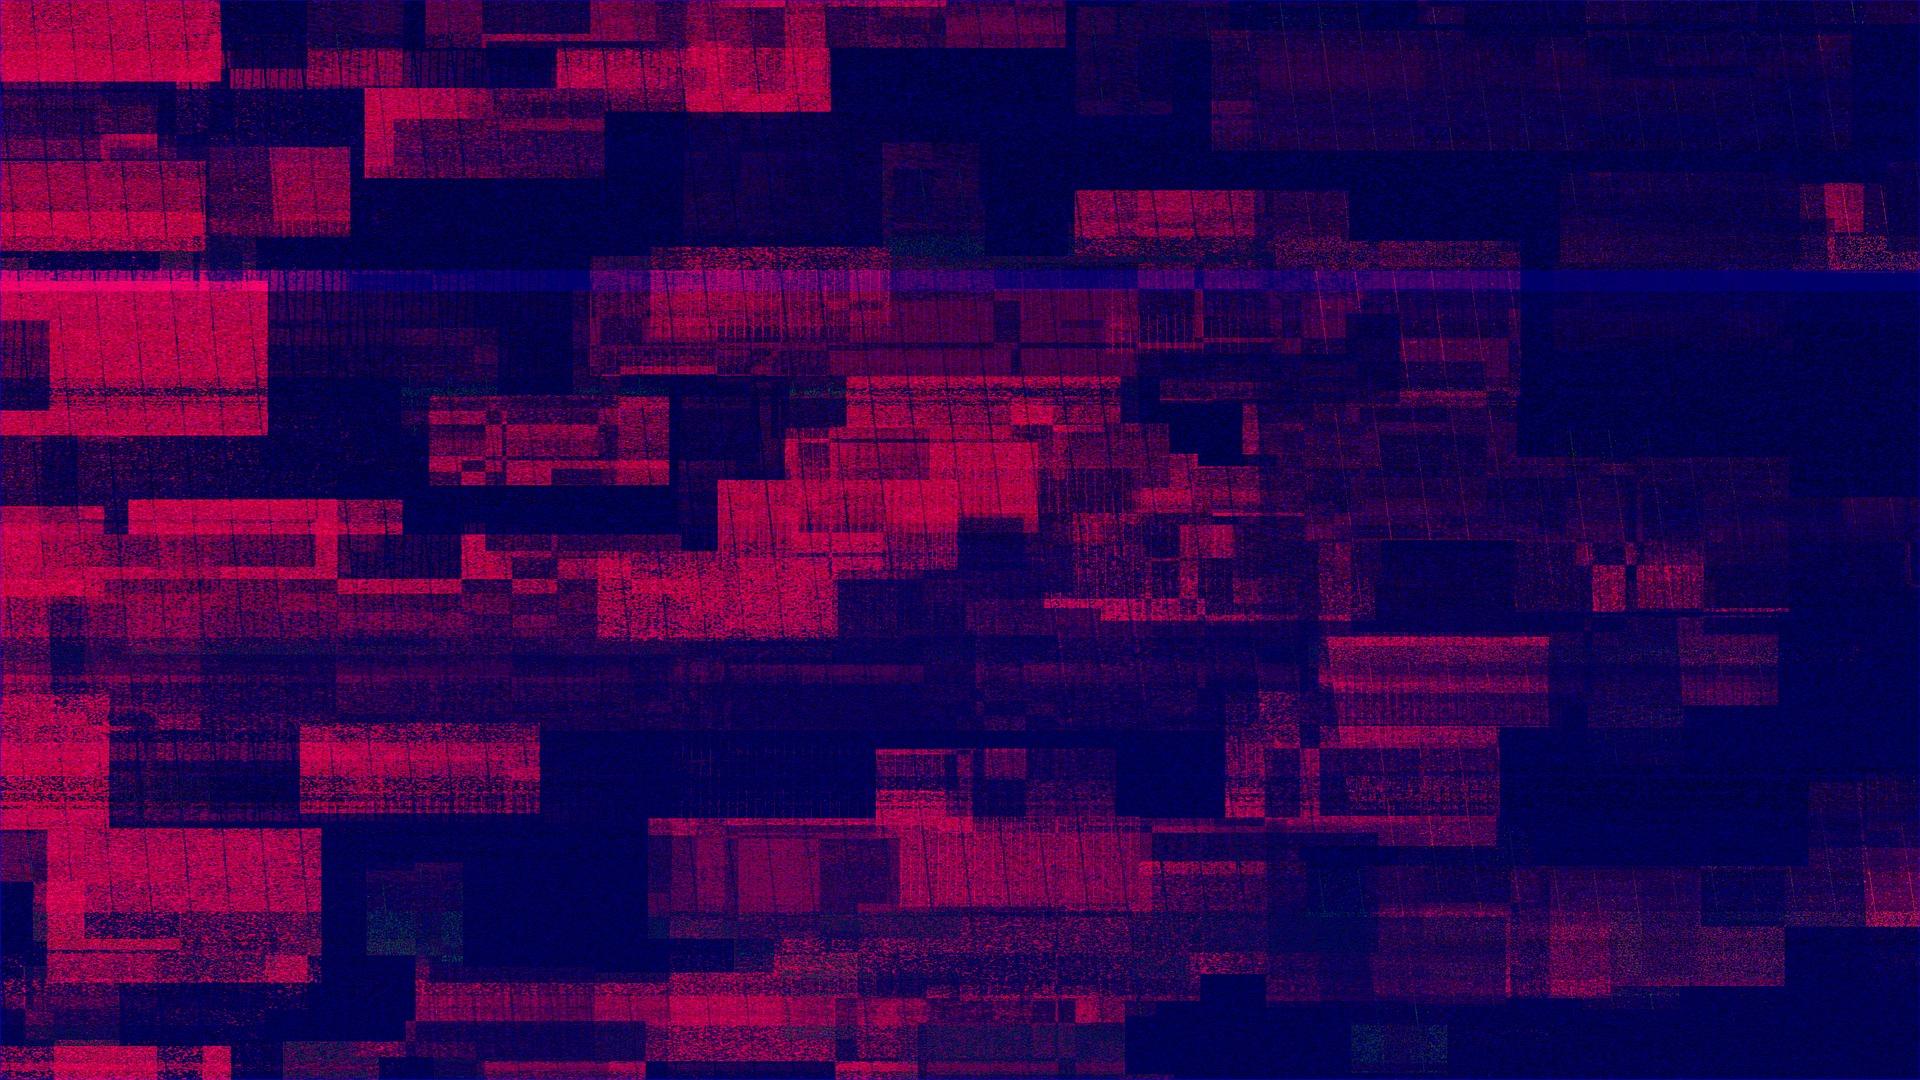 Red Glitch Pattern